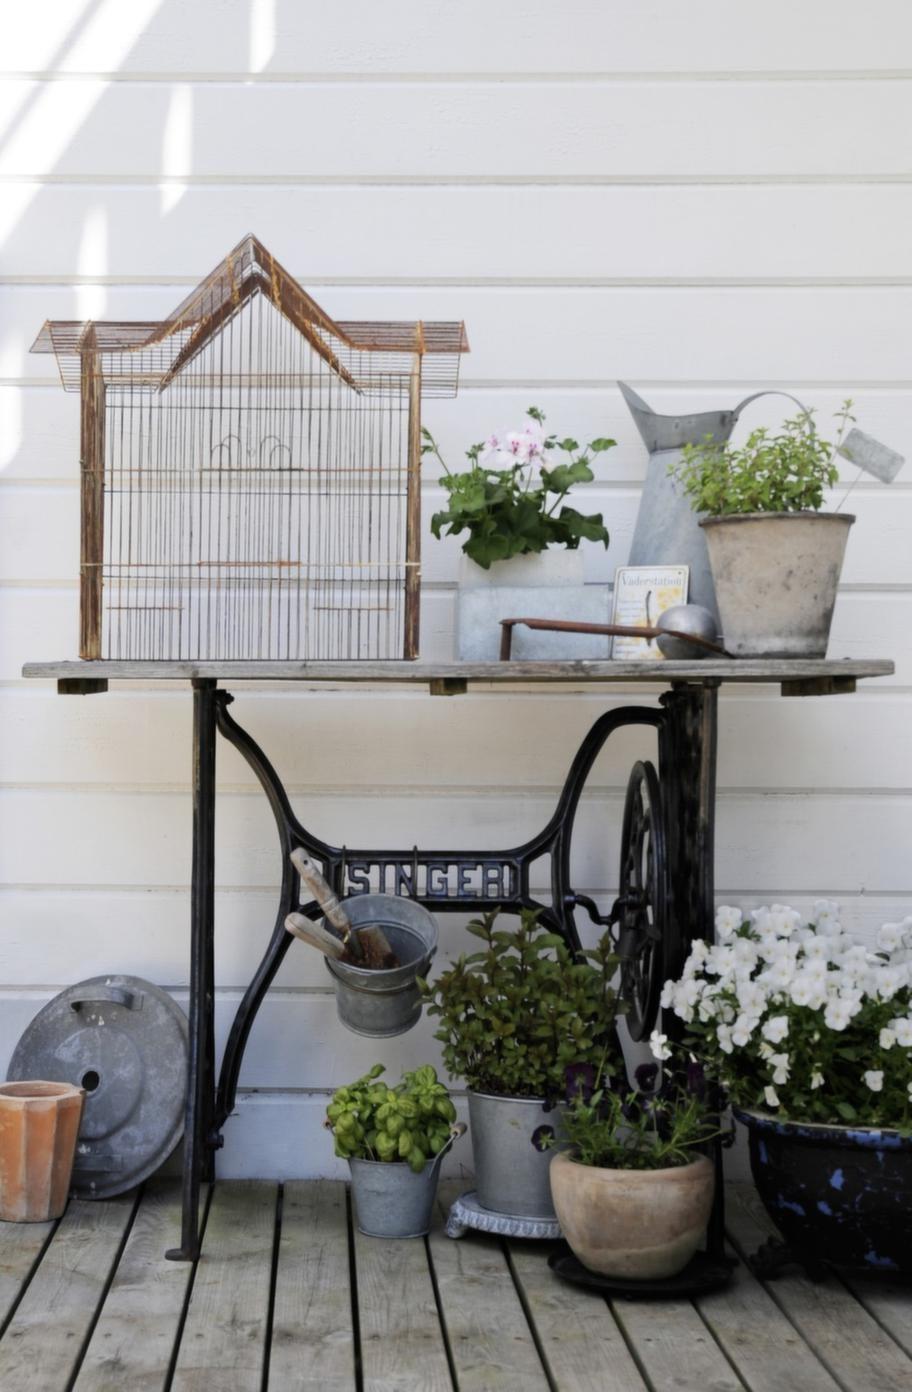 Ett gammalt symaskinsbord har blivit panteringsbord. Zinkkrukor blandat med krukor av keramik ger ett levande intryck. Fågelburen är köpt på loppis.